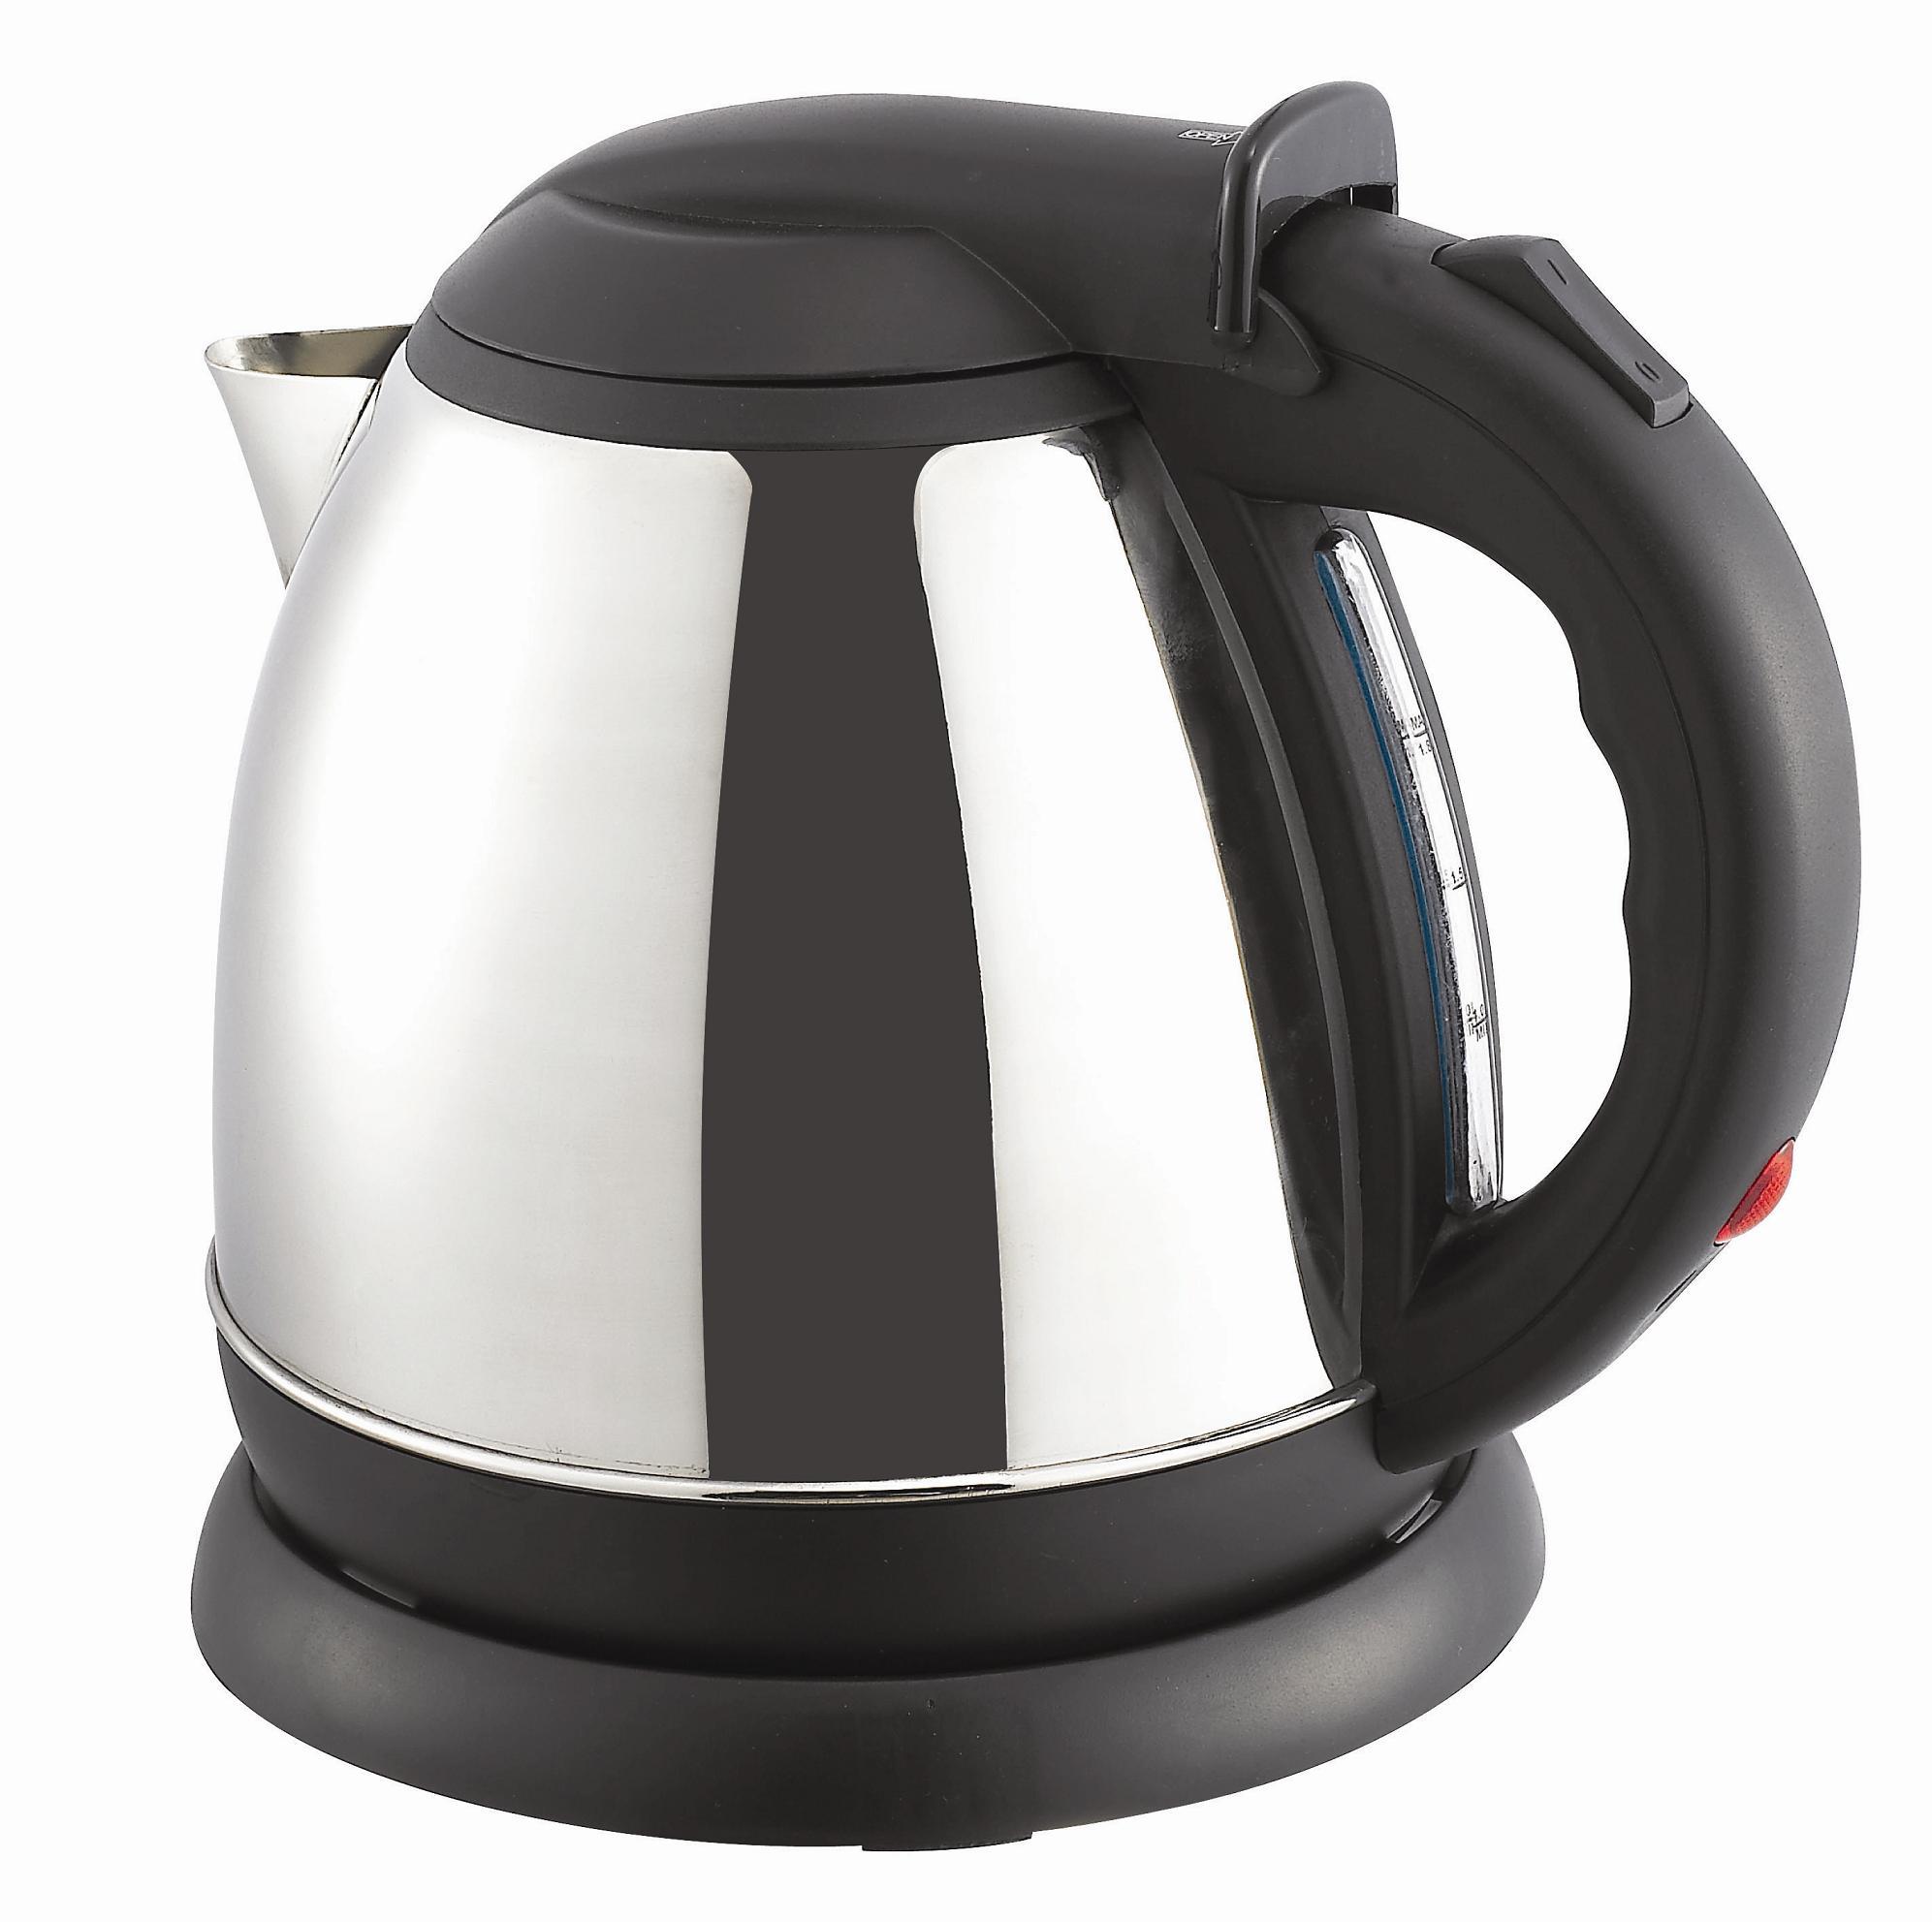 不锈钢无线电热水壶-slg1618b